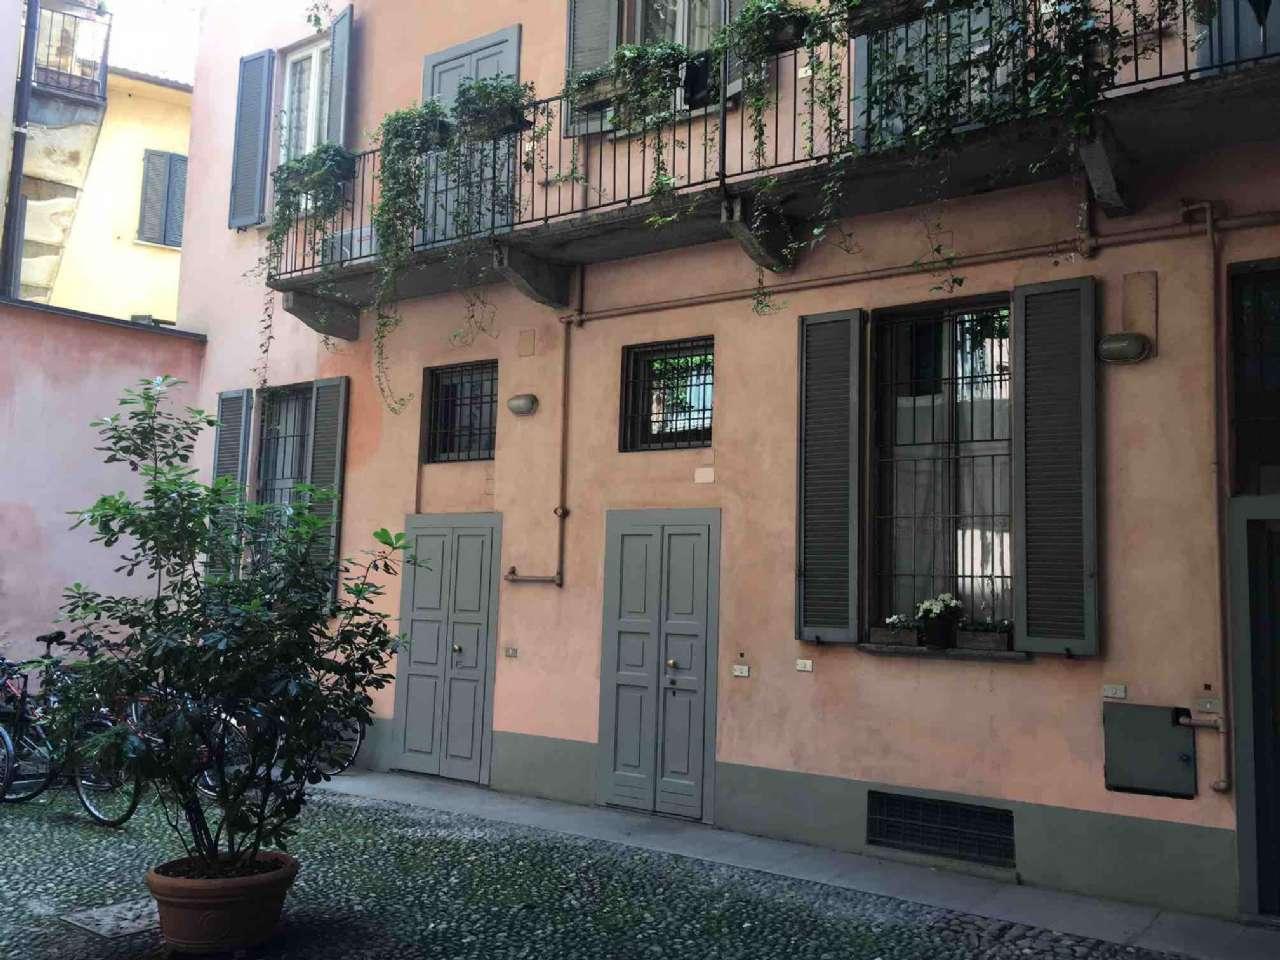 Appartamento in affitto a Milano, 1 locali, zona Zona: 1 . Centro Storico, Duomo, Brera, Cadorna, Cattolica, prezzo € 900   Cambio Casa.it